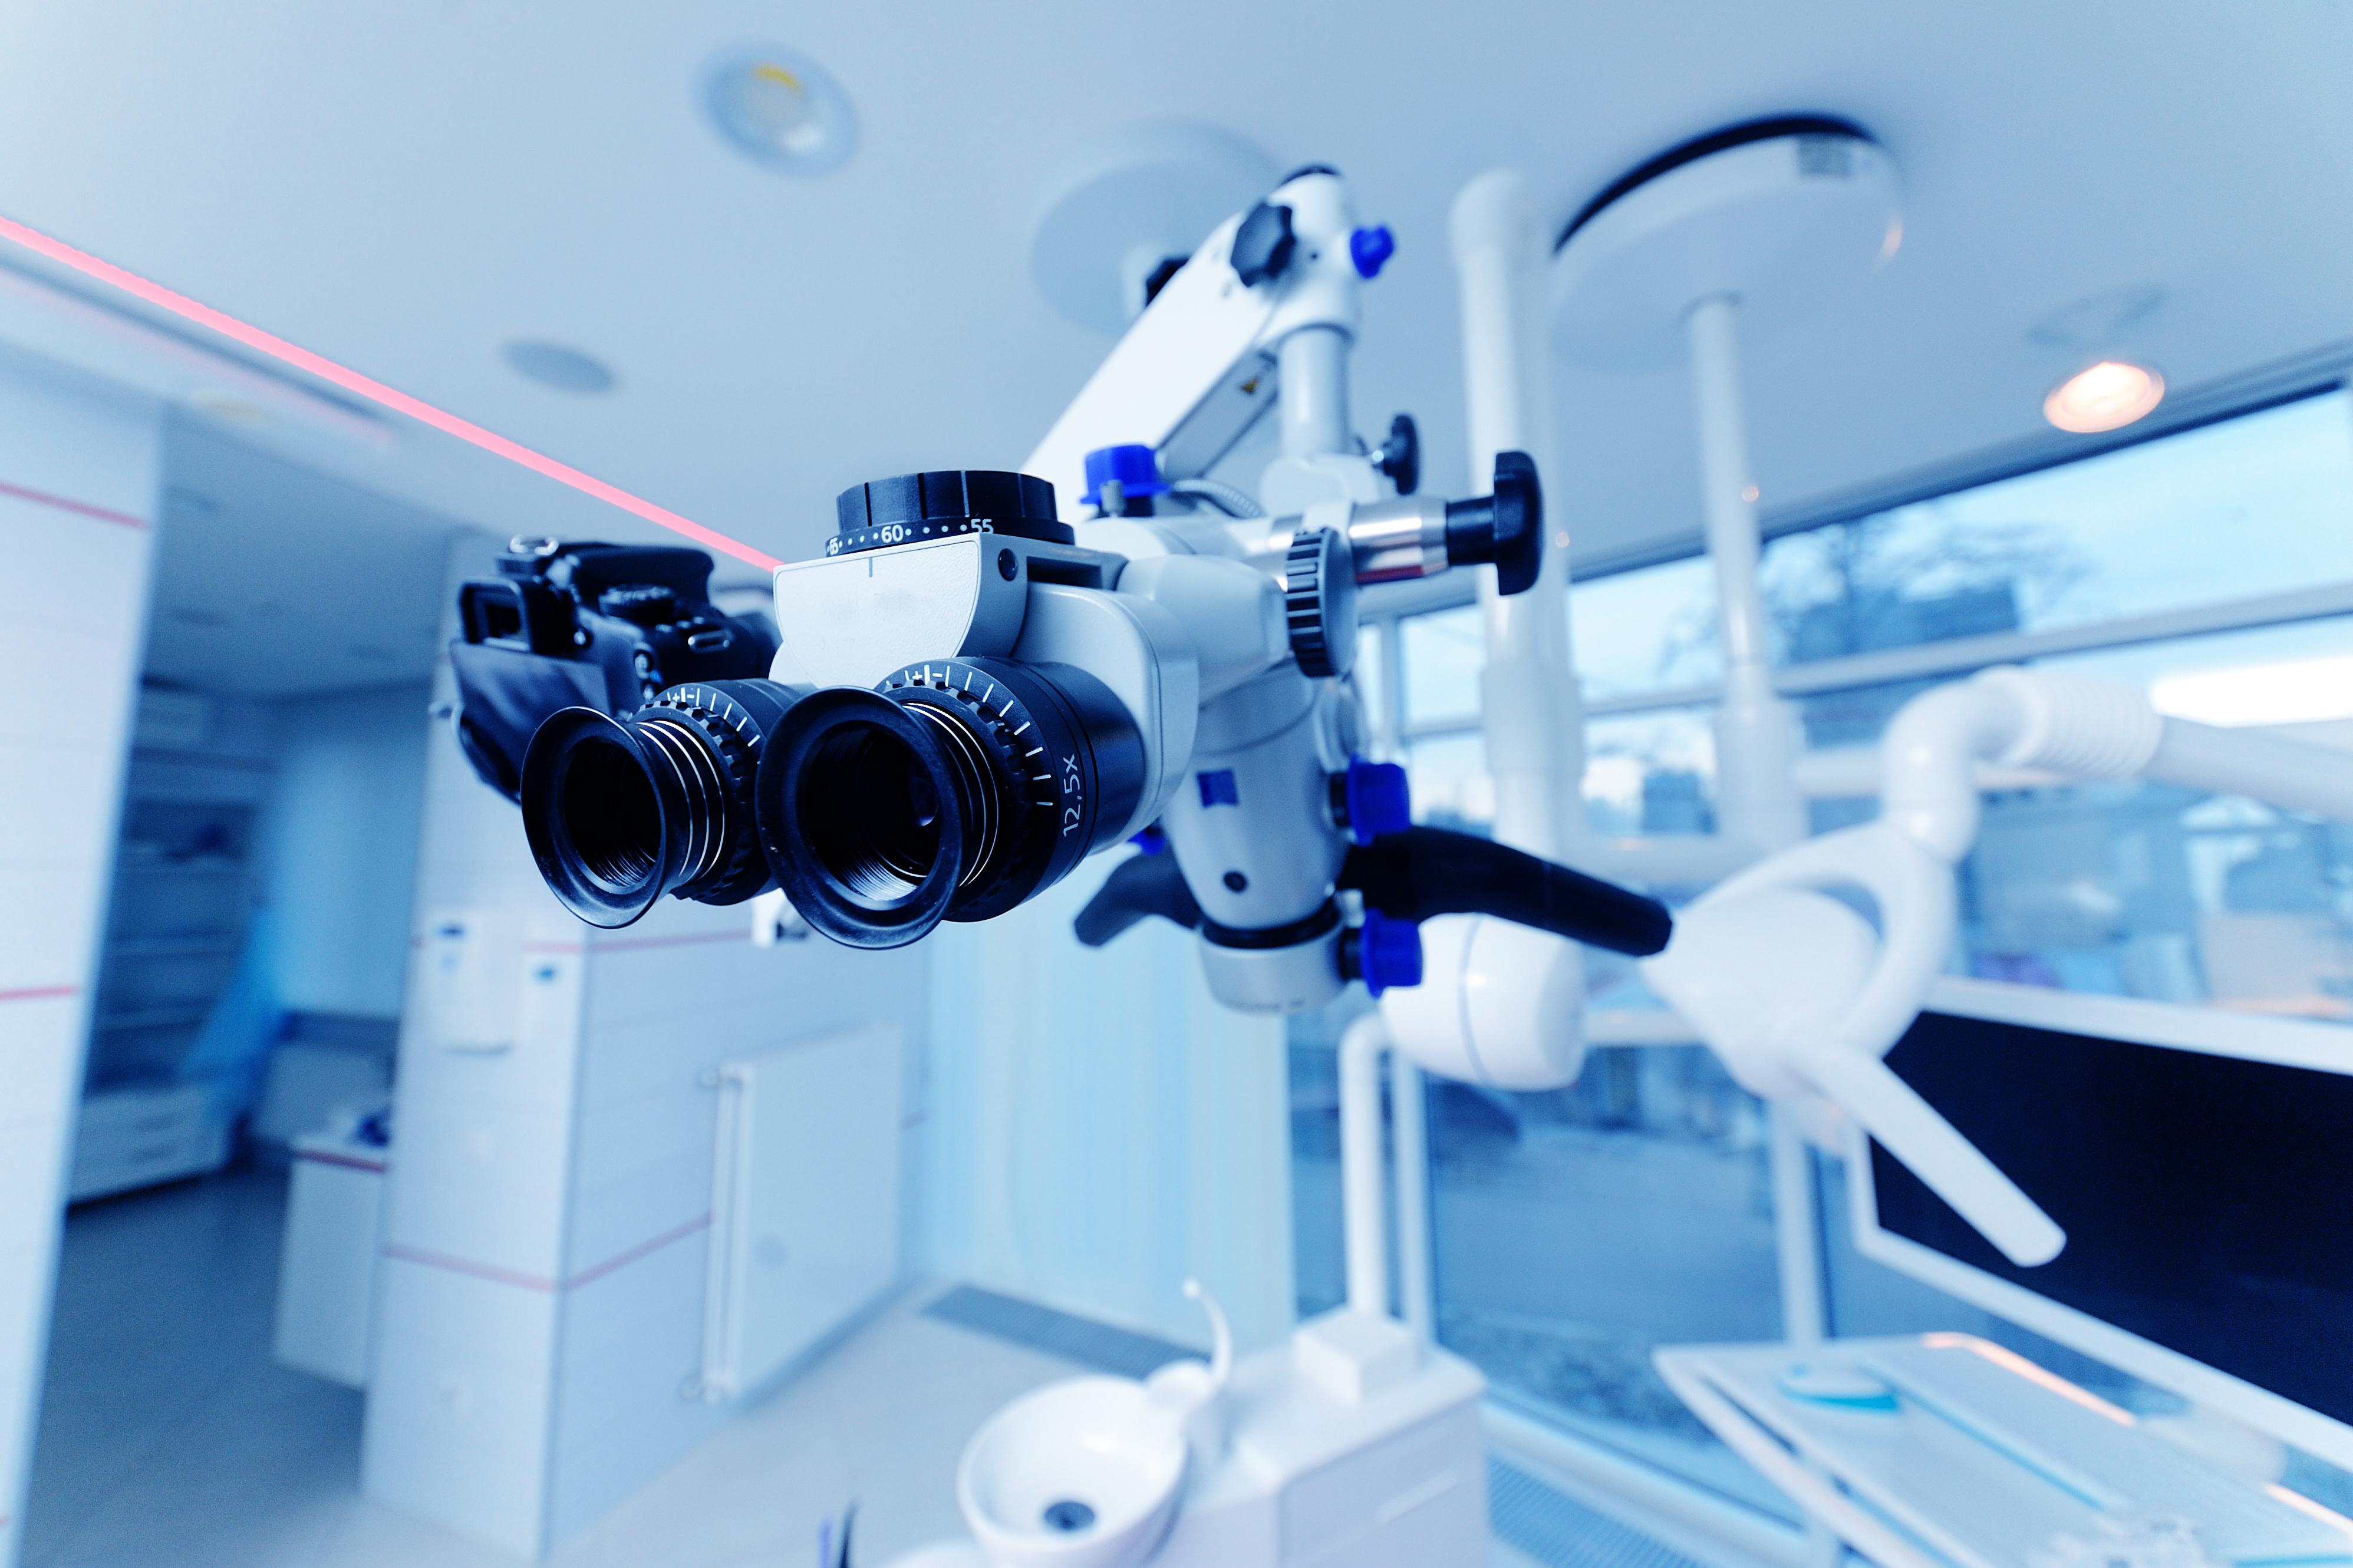 治りにくい神経治療は歯科用顕微鏡を使って完治率up!マイクロエンドの話